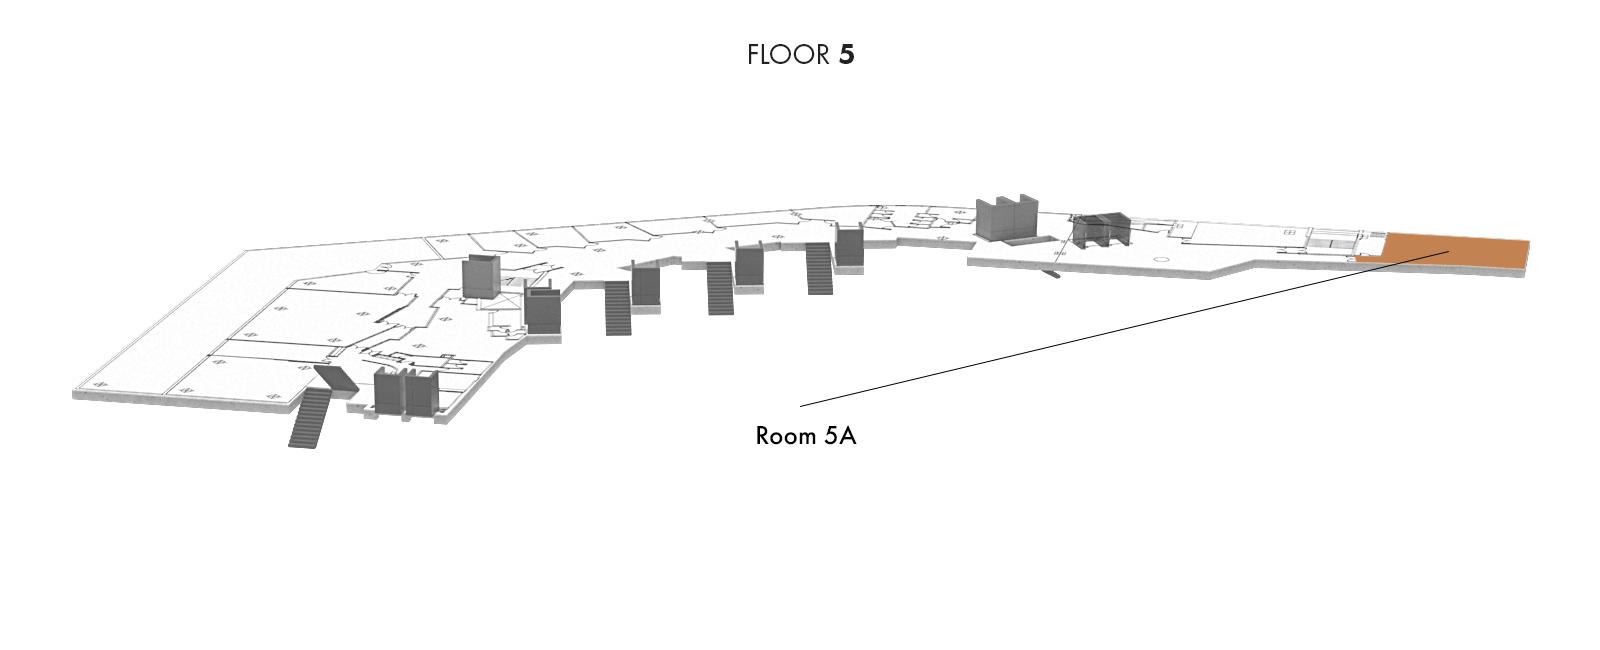 Room 5A, Floor 5 | Palacio Euskalduna Jauregia